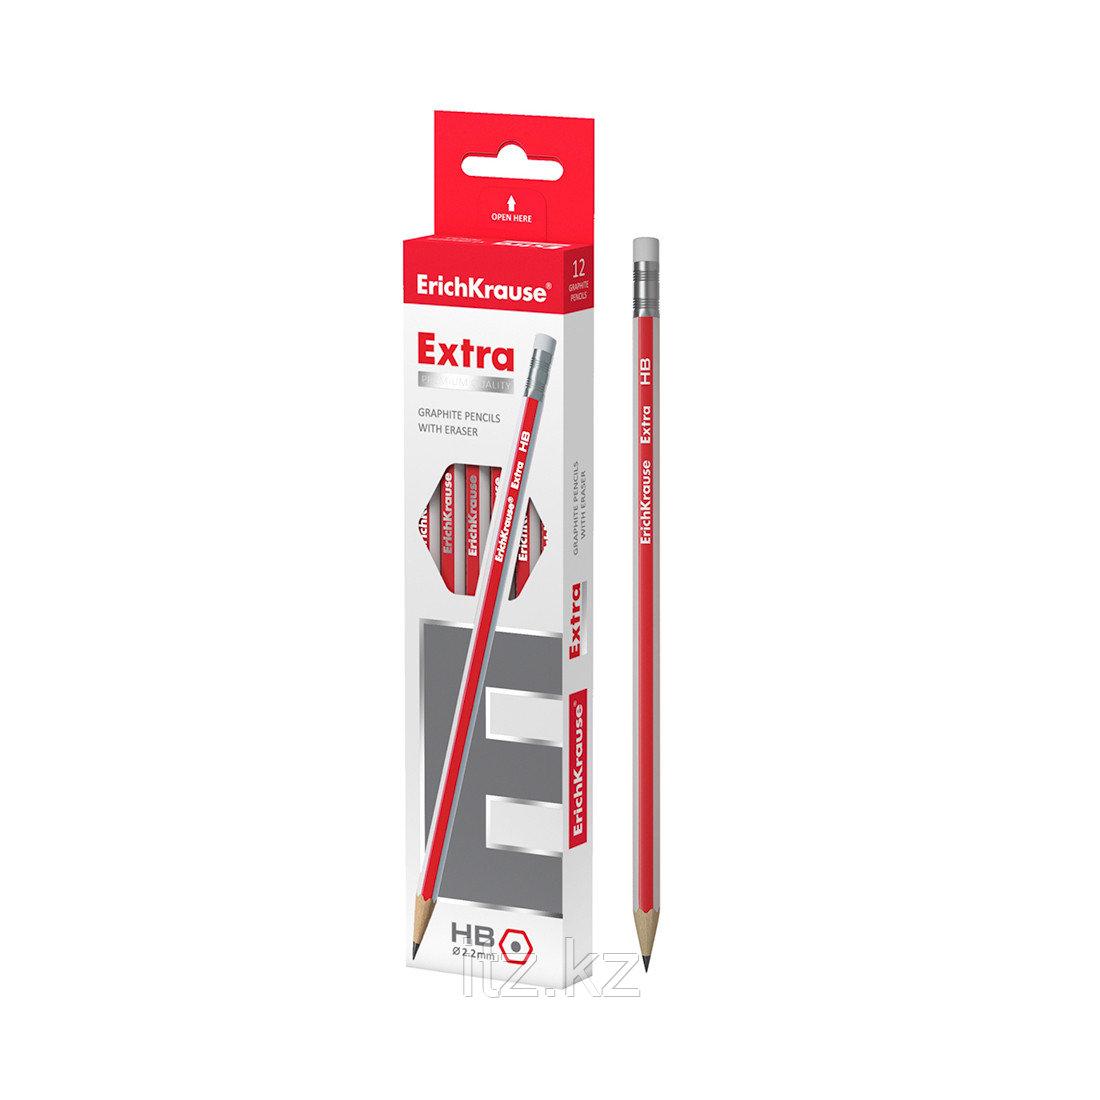 Чернографитный шестигранный карандаш с ластиком ErichKrause